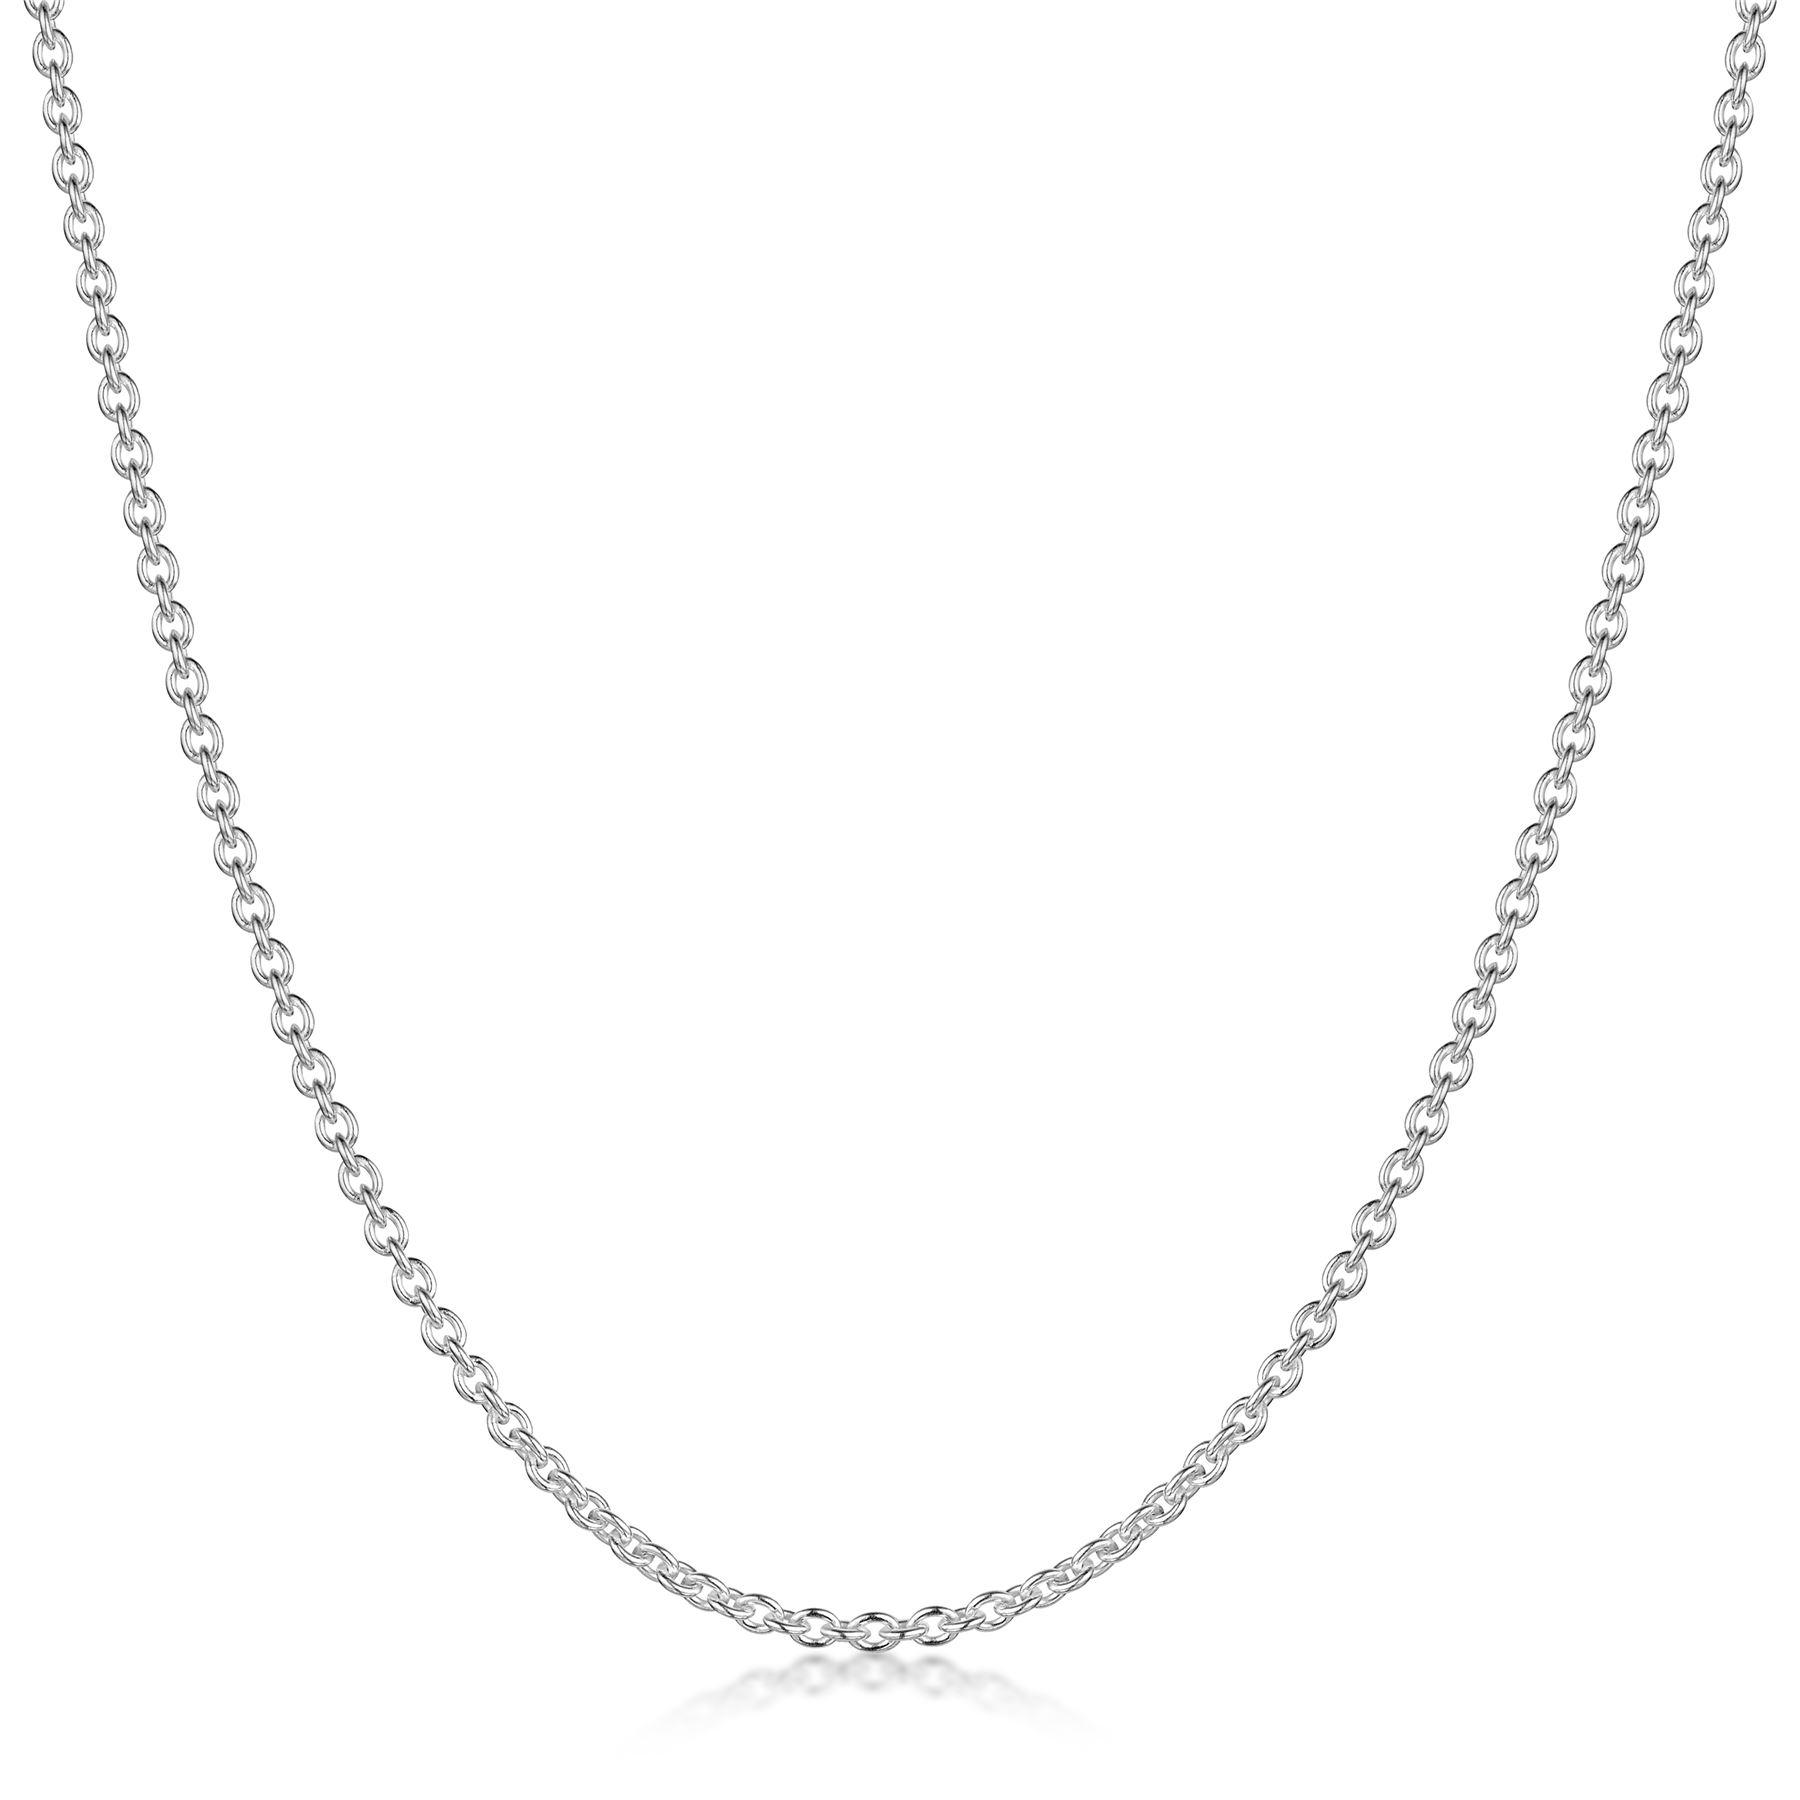 Amberta-Collar-en-Plata-De-Ley-925-Autentica-Cadena-para-Mujer-y-Hombre-Italiana miniatura 5